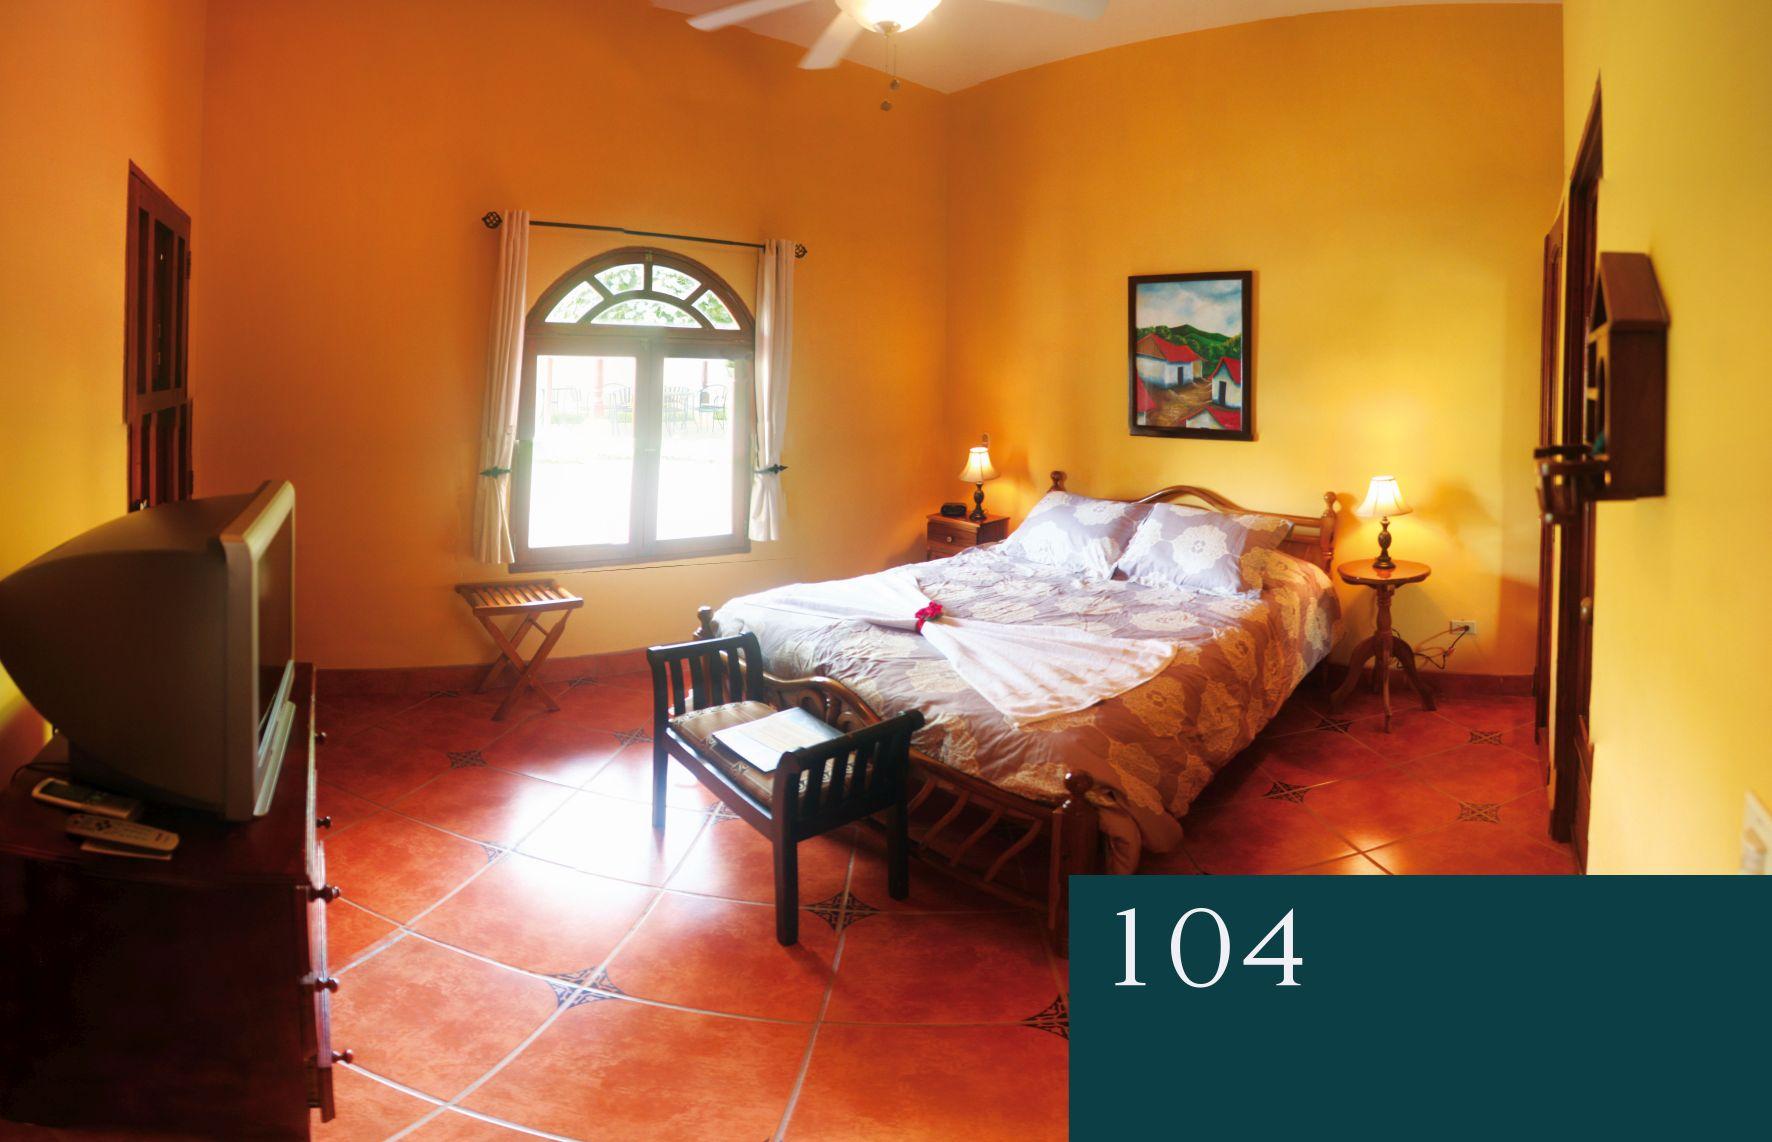 unit104 Condo Hotel Xalteva